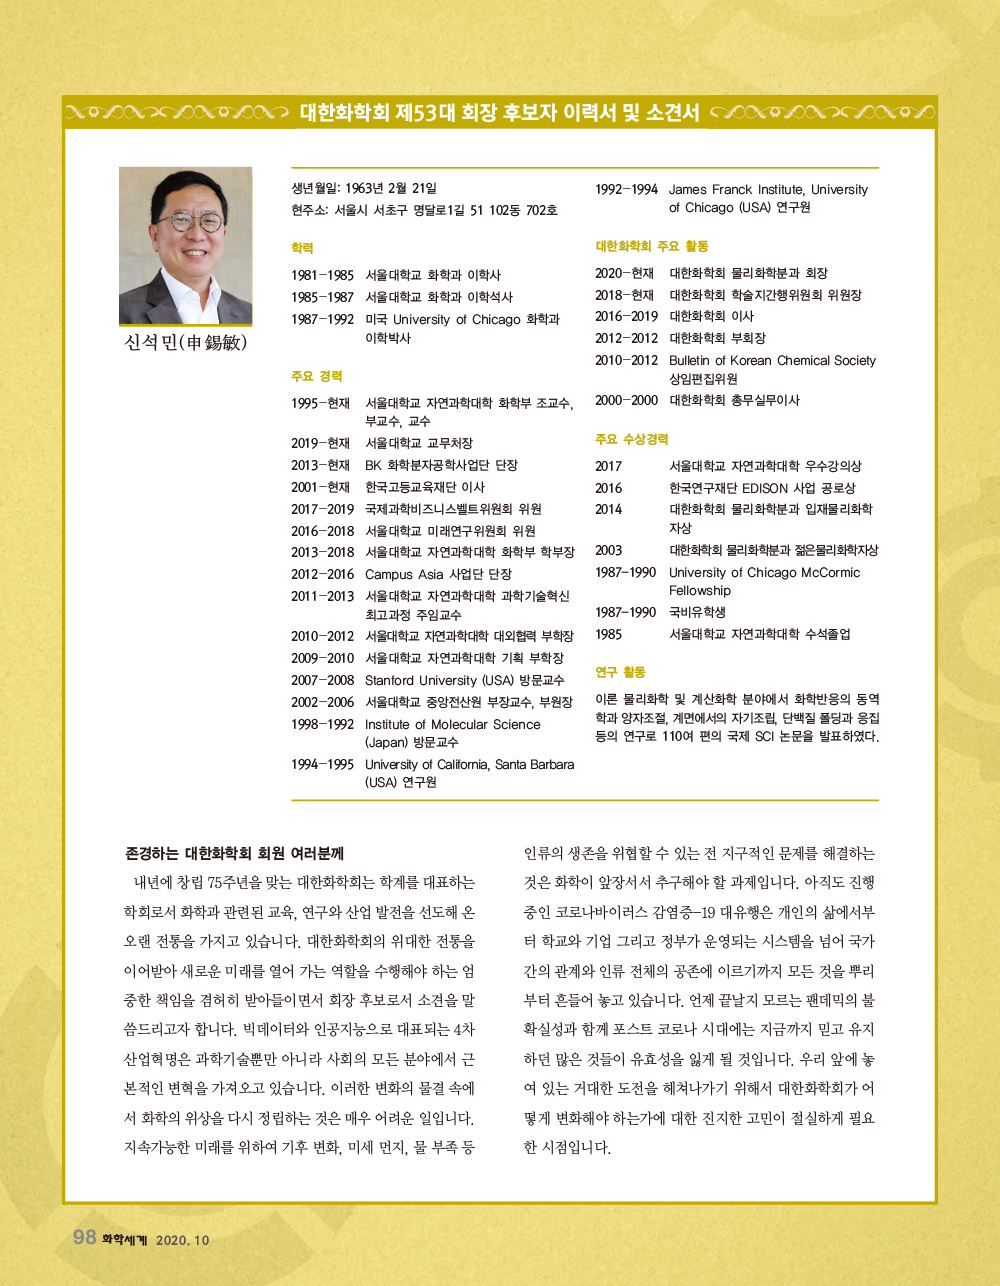 대한화학회-제53대-회장-선거-후보자-소개-1.png